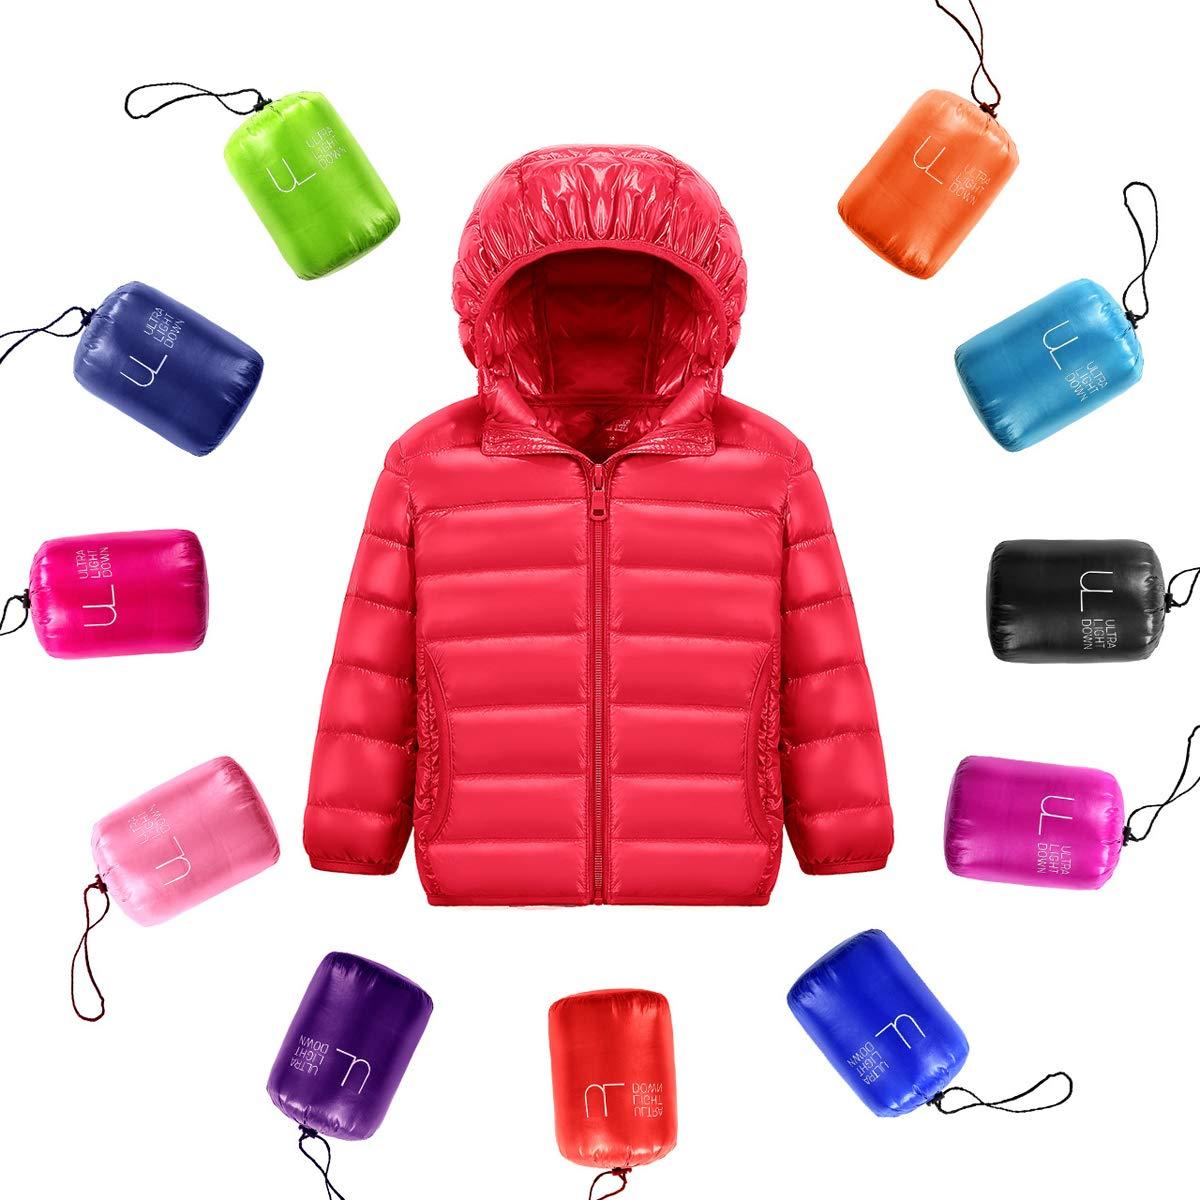 Cocrao Unisex Piumino Con Cappuccio Classico Ultra Leggero Del Cappotto Parka Zipper Giubbotti Inverno Packable Invernale per Ragazzi